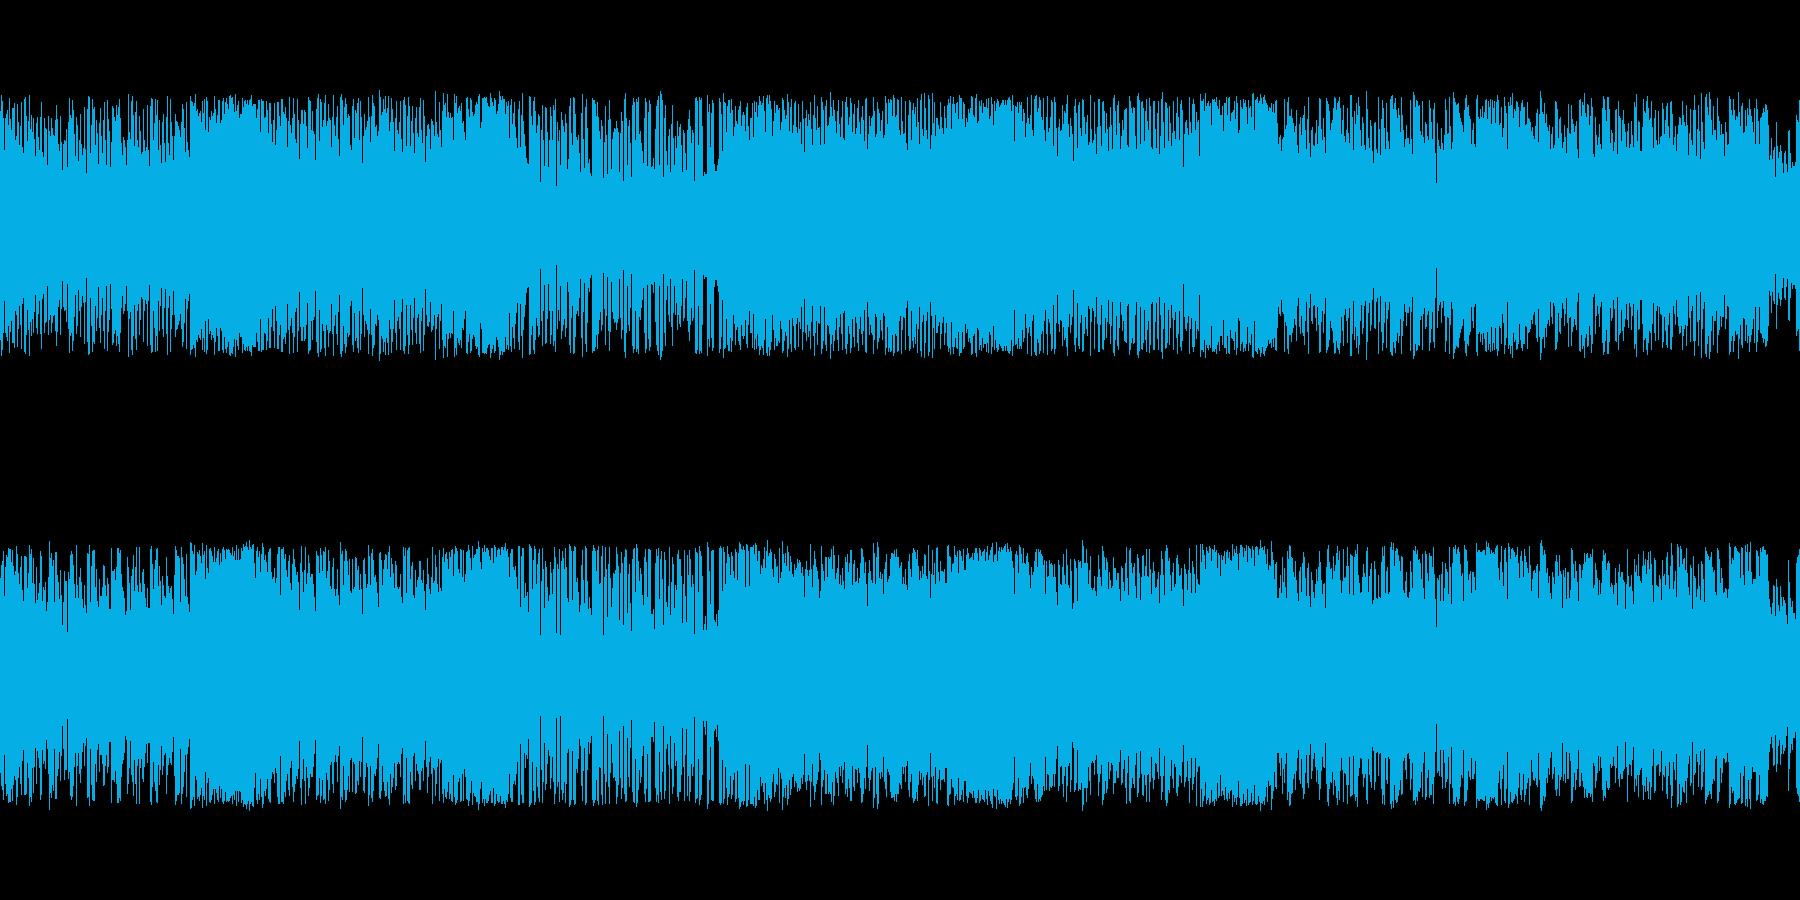 勢いのあるスタイリッシュチップチューンの再生済みの波形